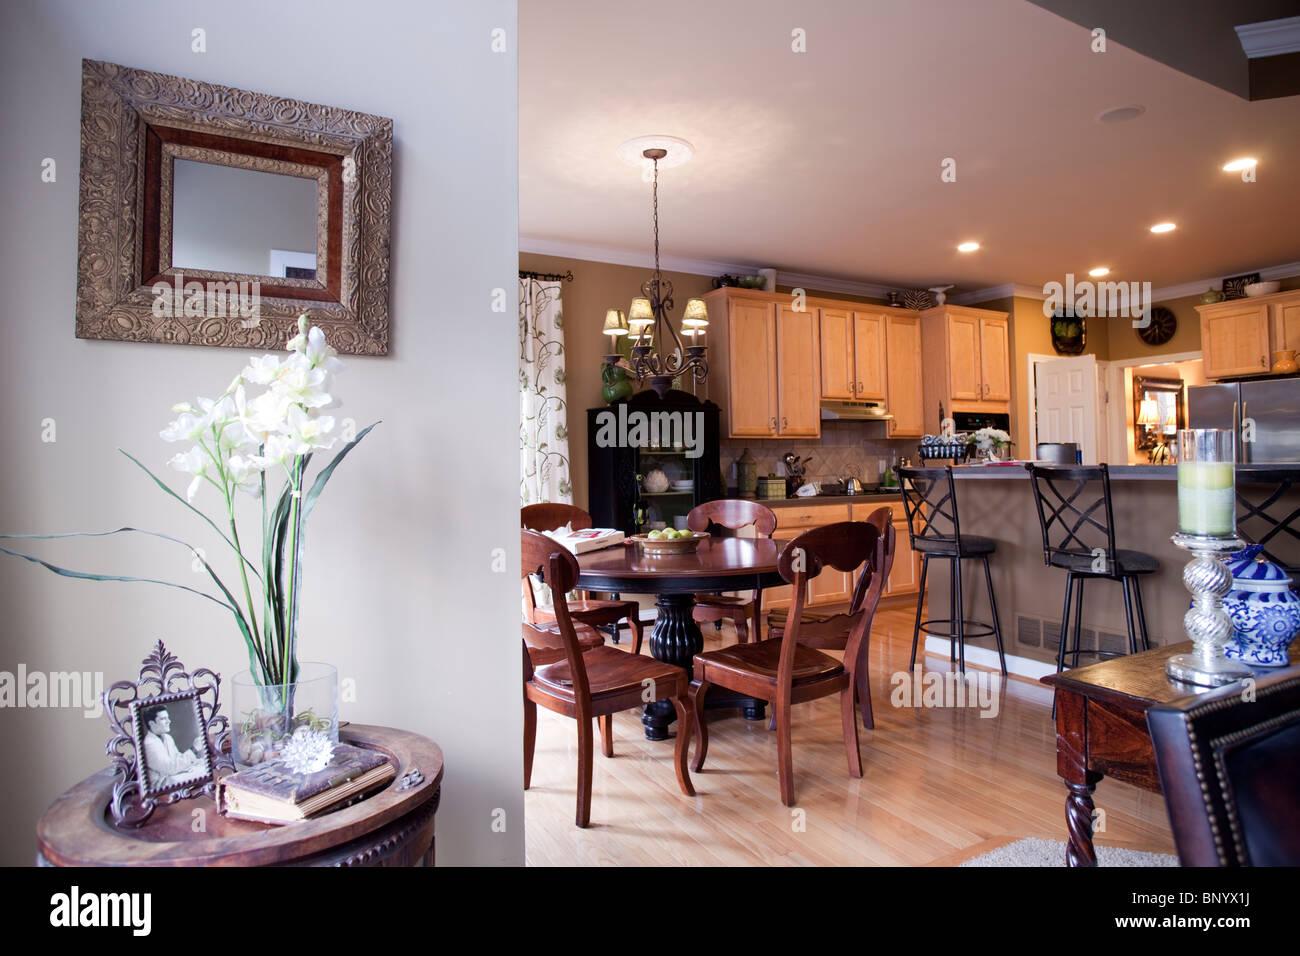 Cocina americana con comedor anexo y el espacio abierto for Cocina salon espacio abierto